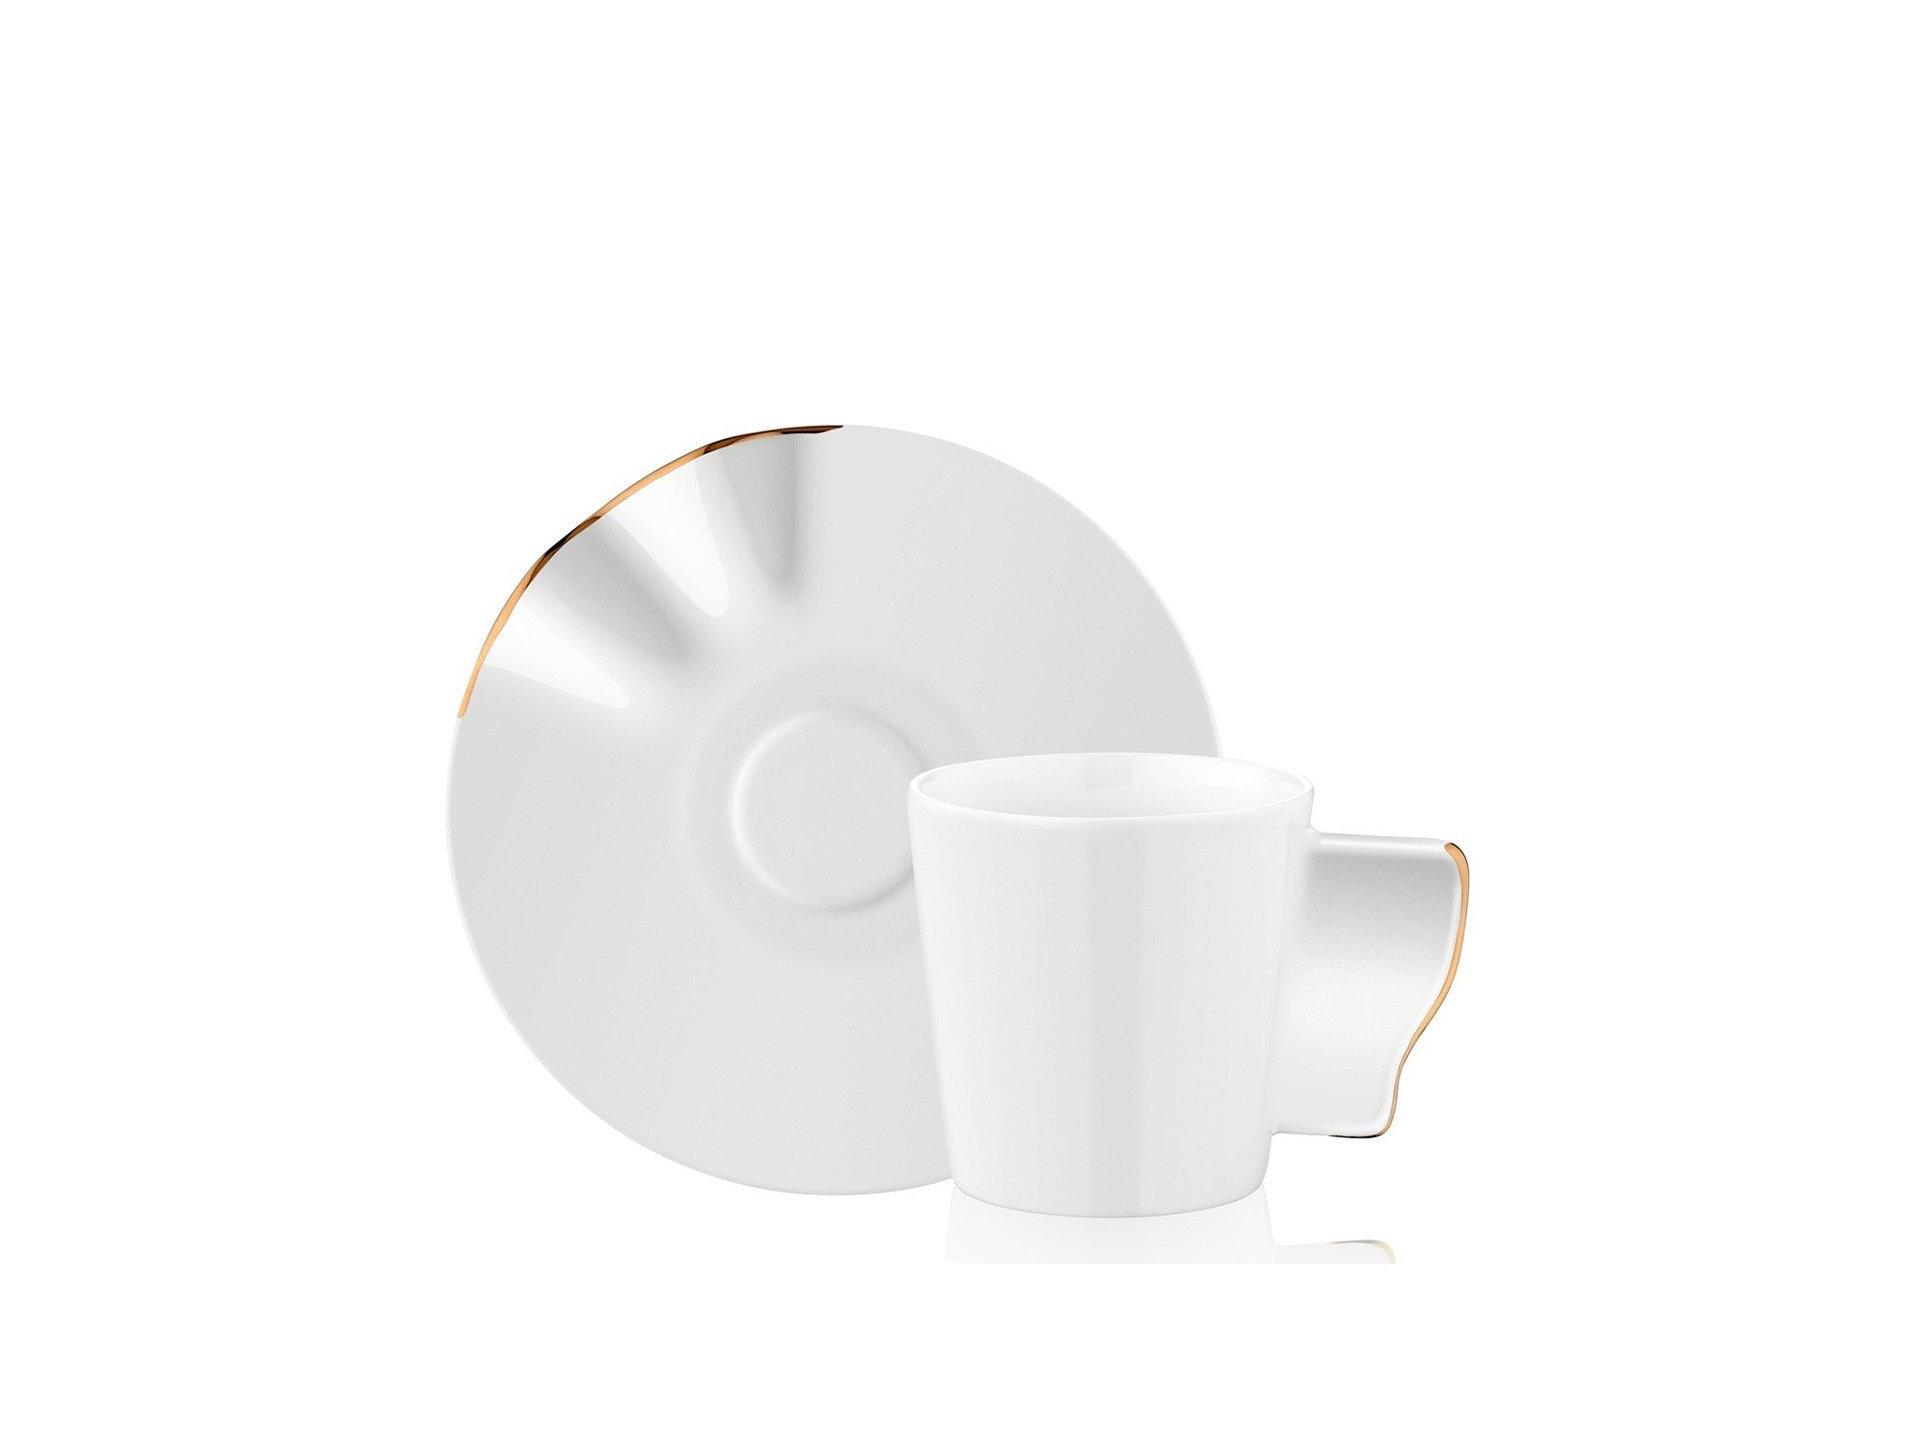 Kaffa Çay/Kahve Fincanı